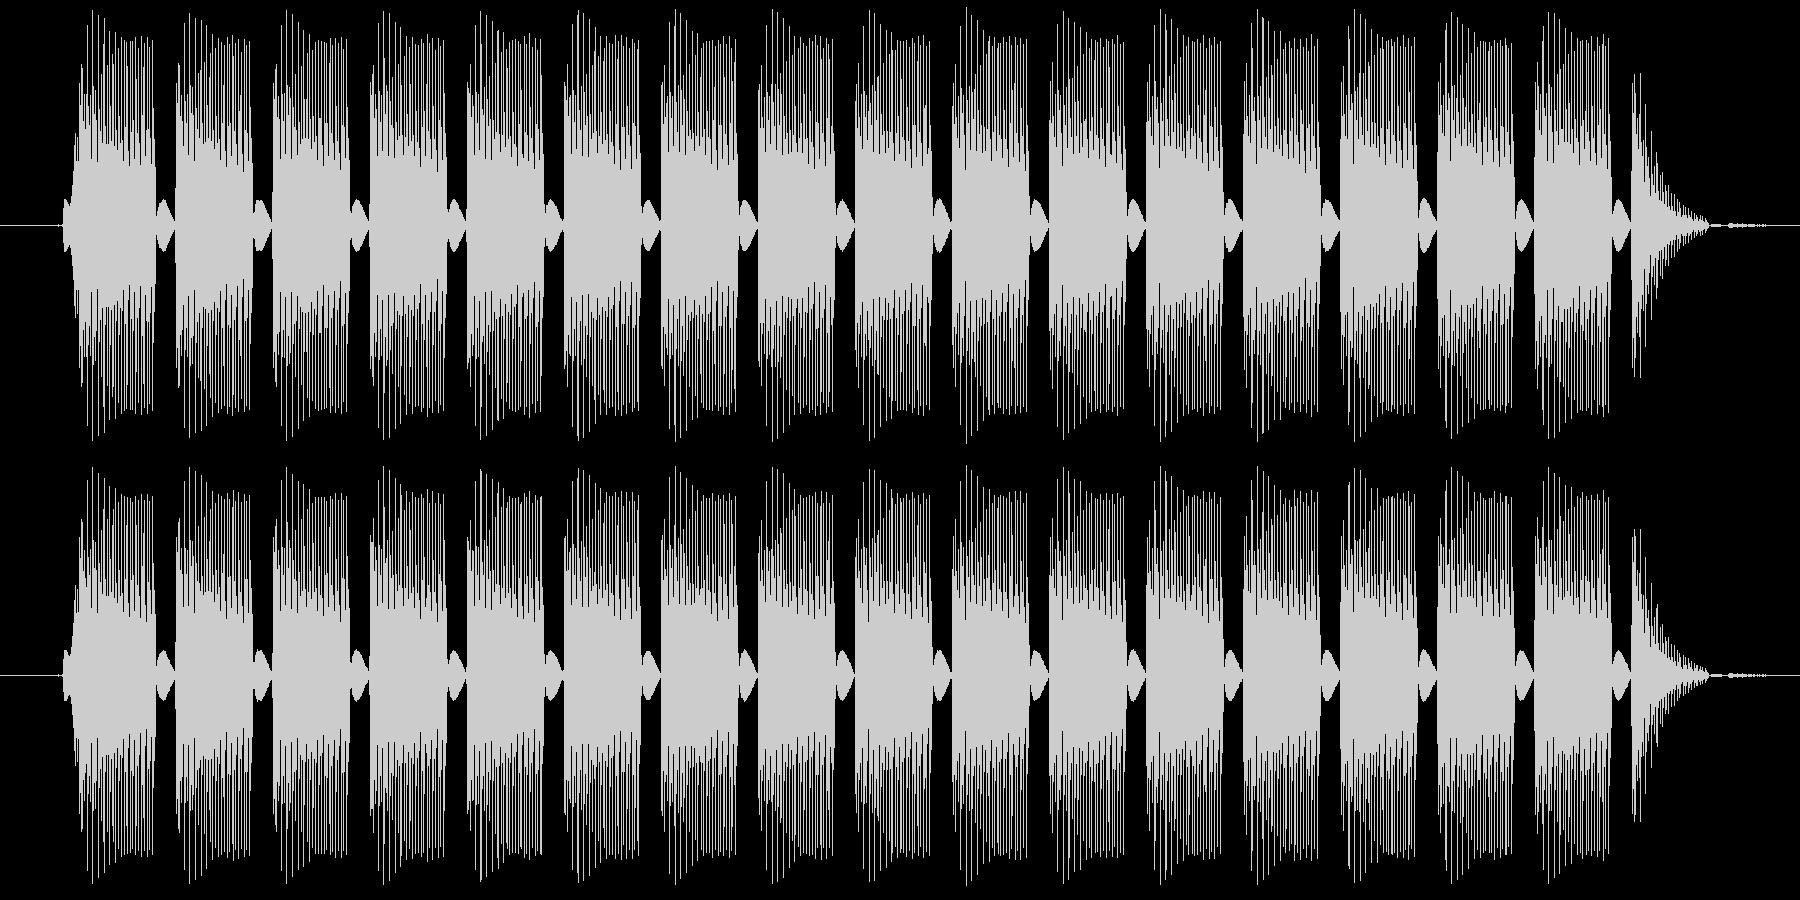 プルルルル・・・という電話の音ですの未再生の波形